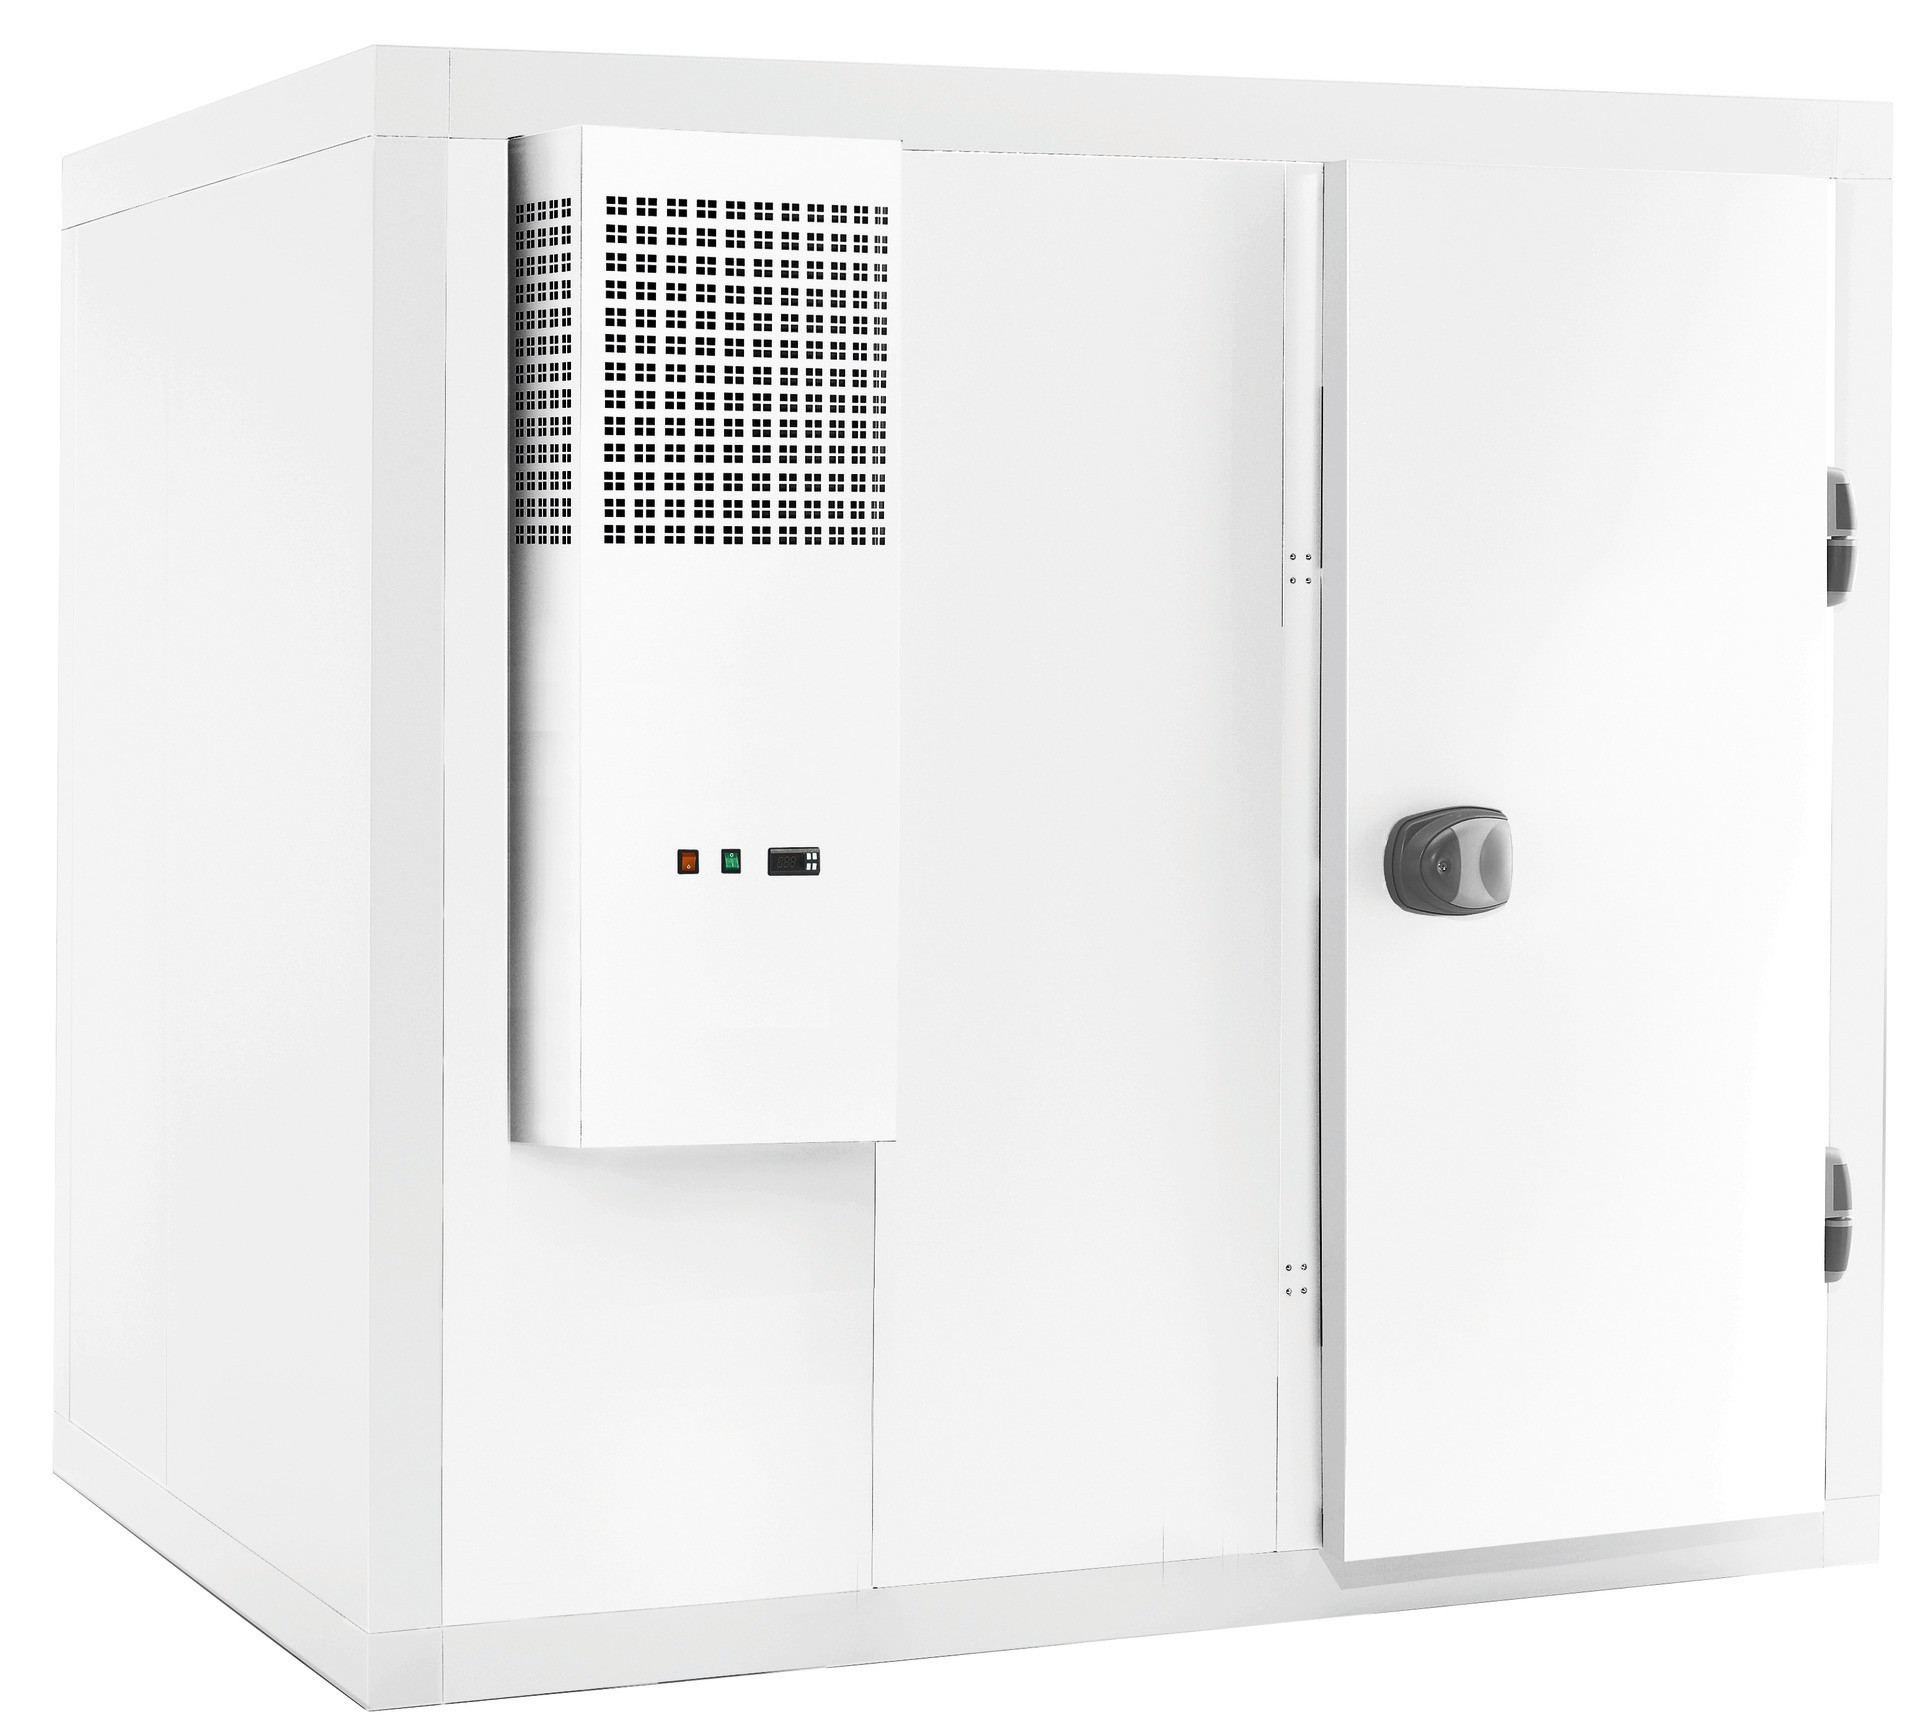 Kühlaggregat für Kühlzelle 661033